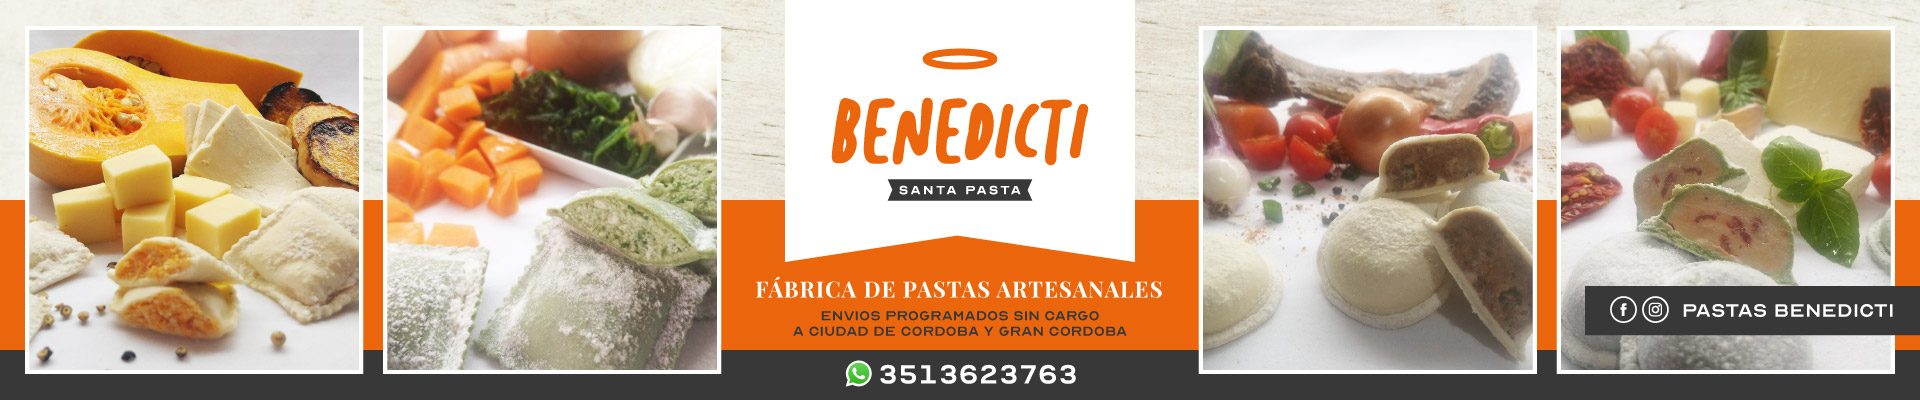 Benedicti Pastas